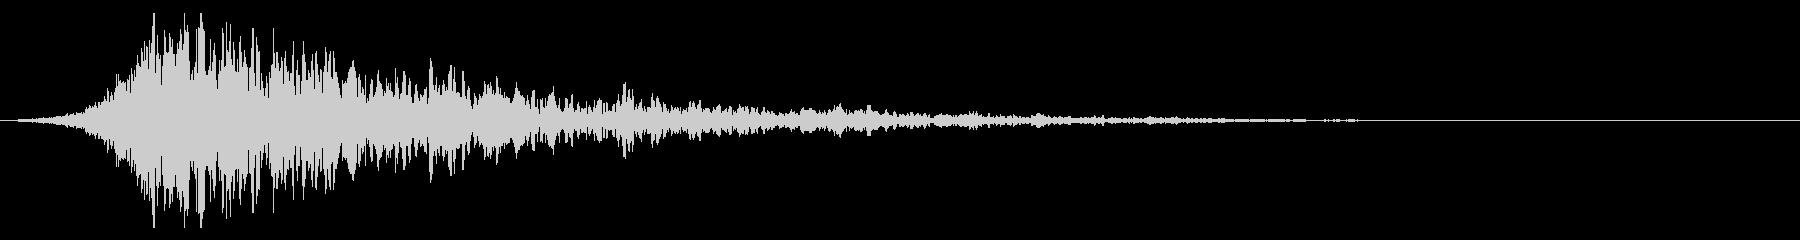 シュードーン-39-2(インパクト音)の未再生の波形